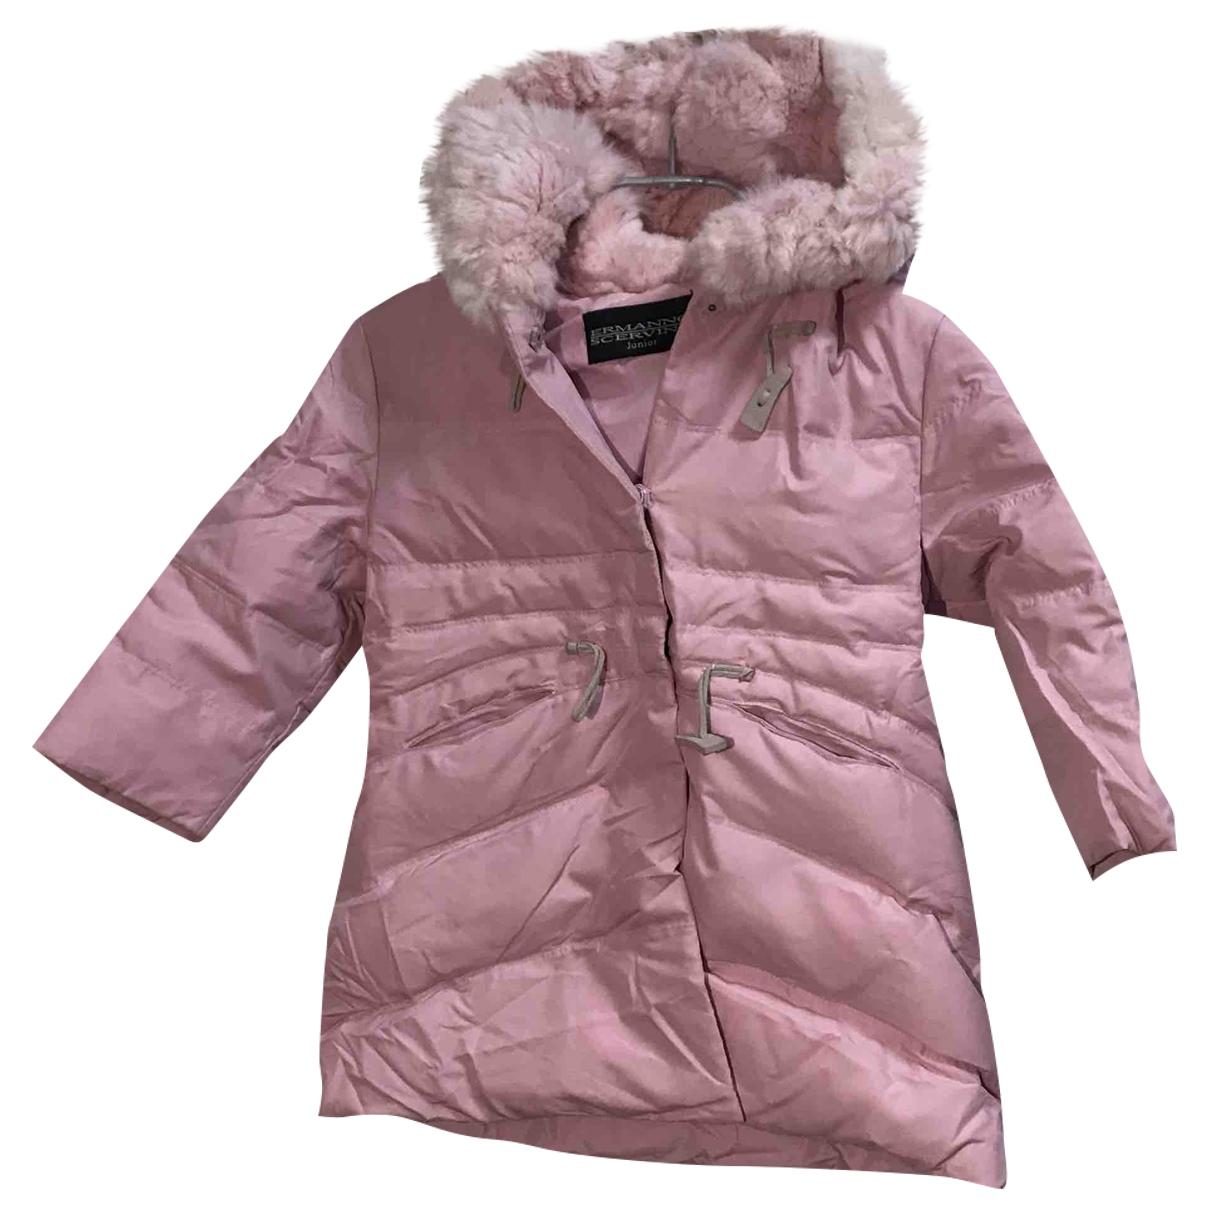 Ermanno Scervino - Blousons.Manteaux   pour enfant - rose